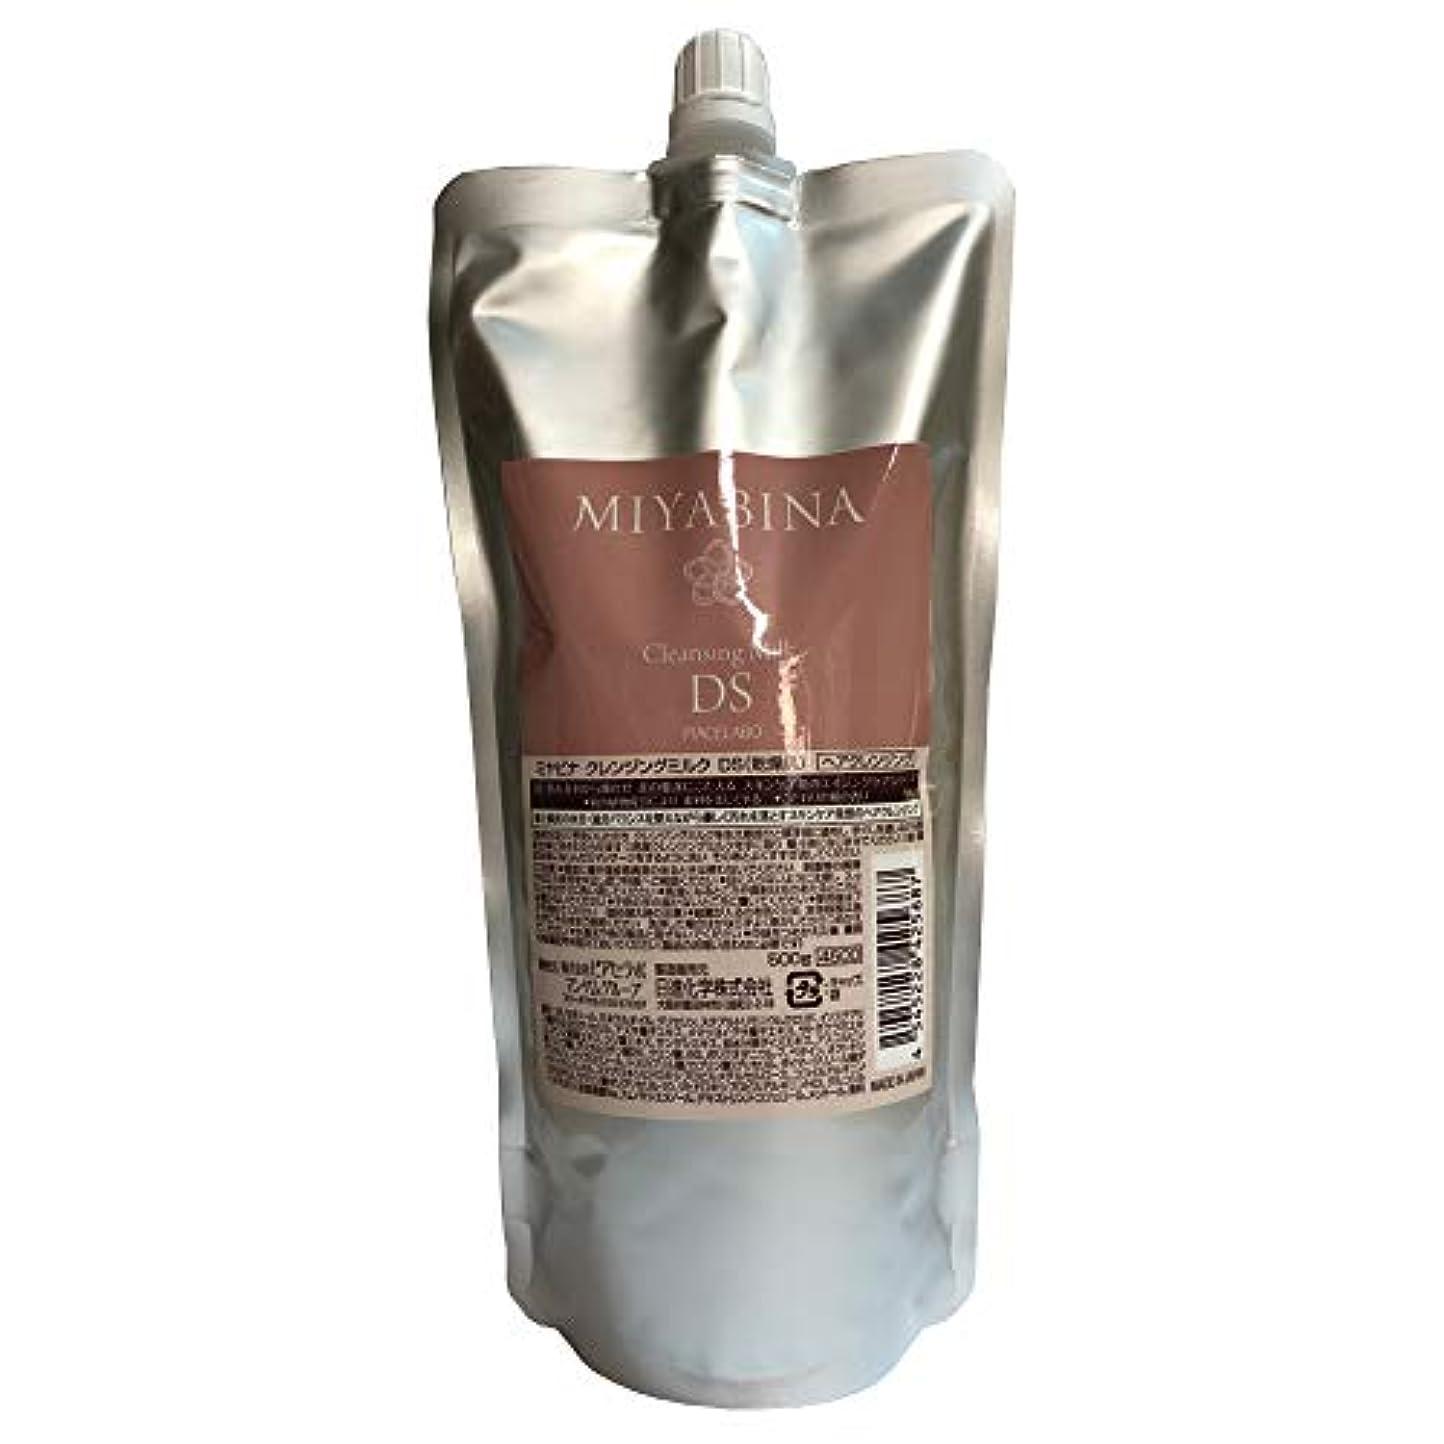 ピアース比喩衣類ミヤビナ クレンジングミルク DS(乾燥肌) 500g レフィル(詰め替え)